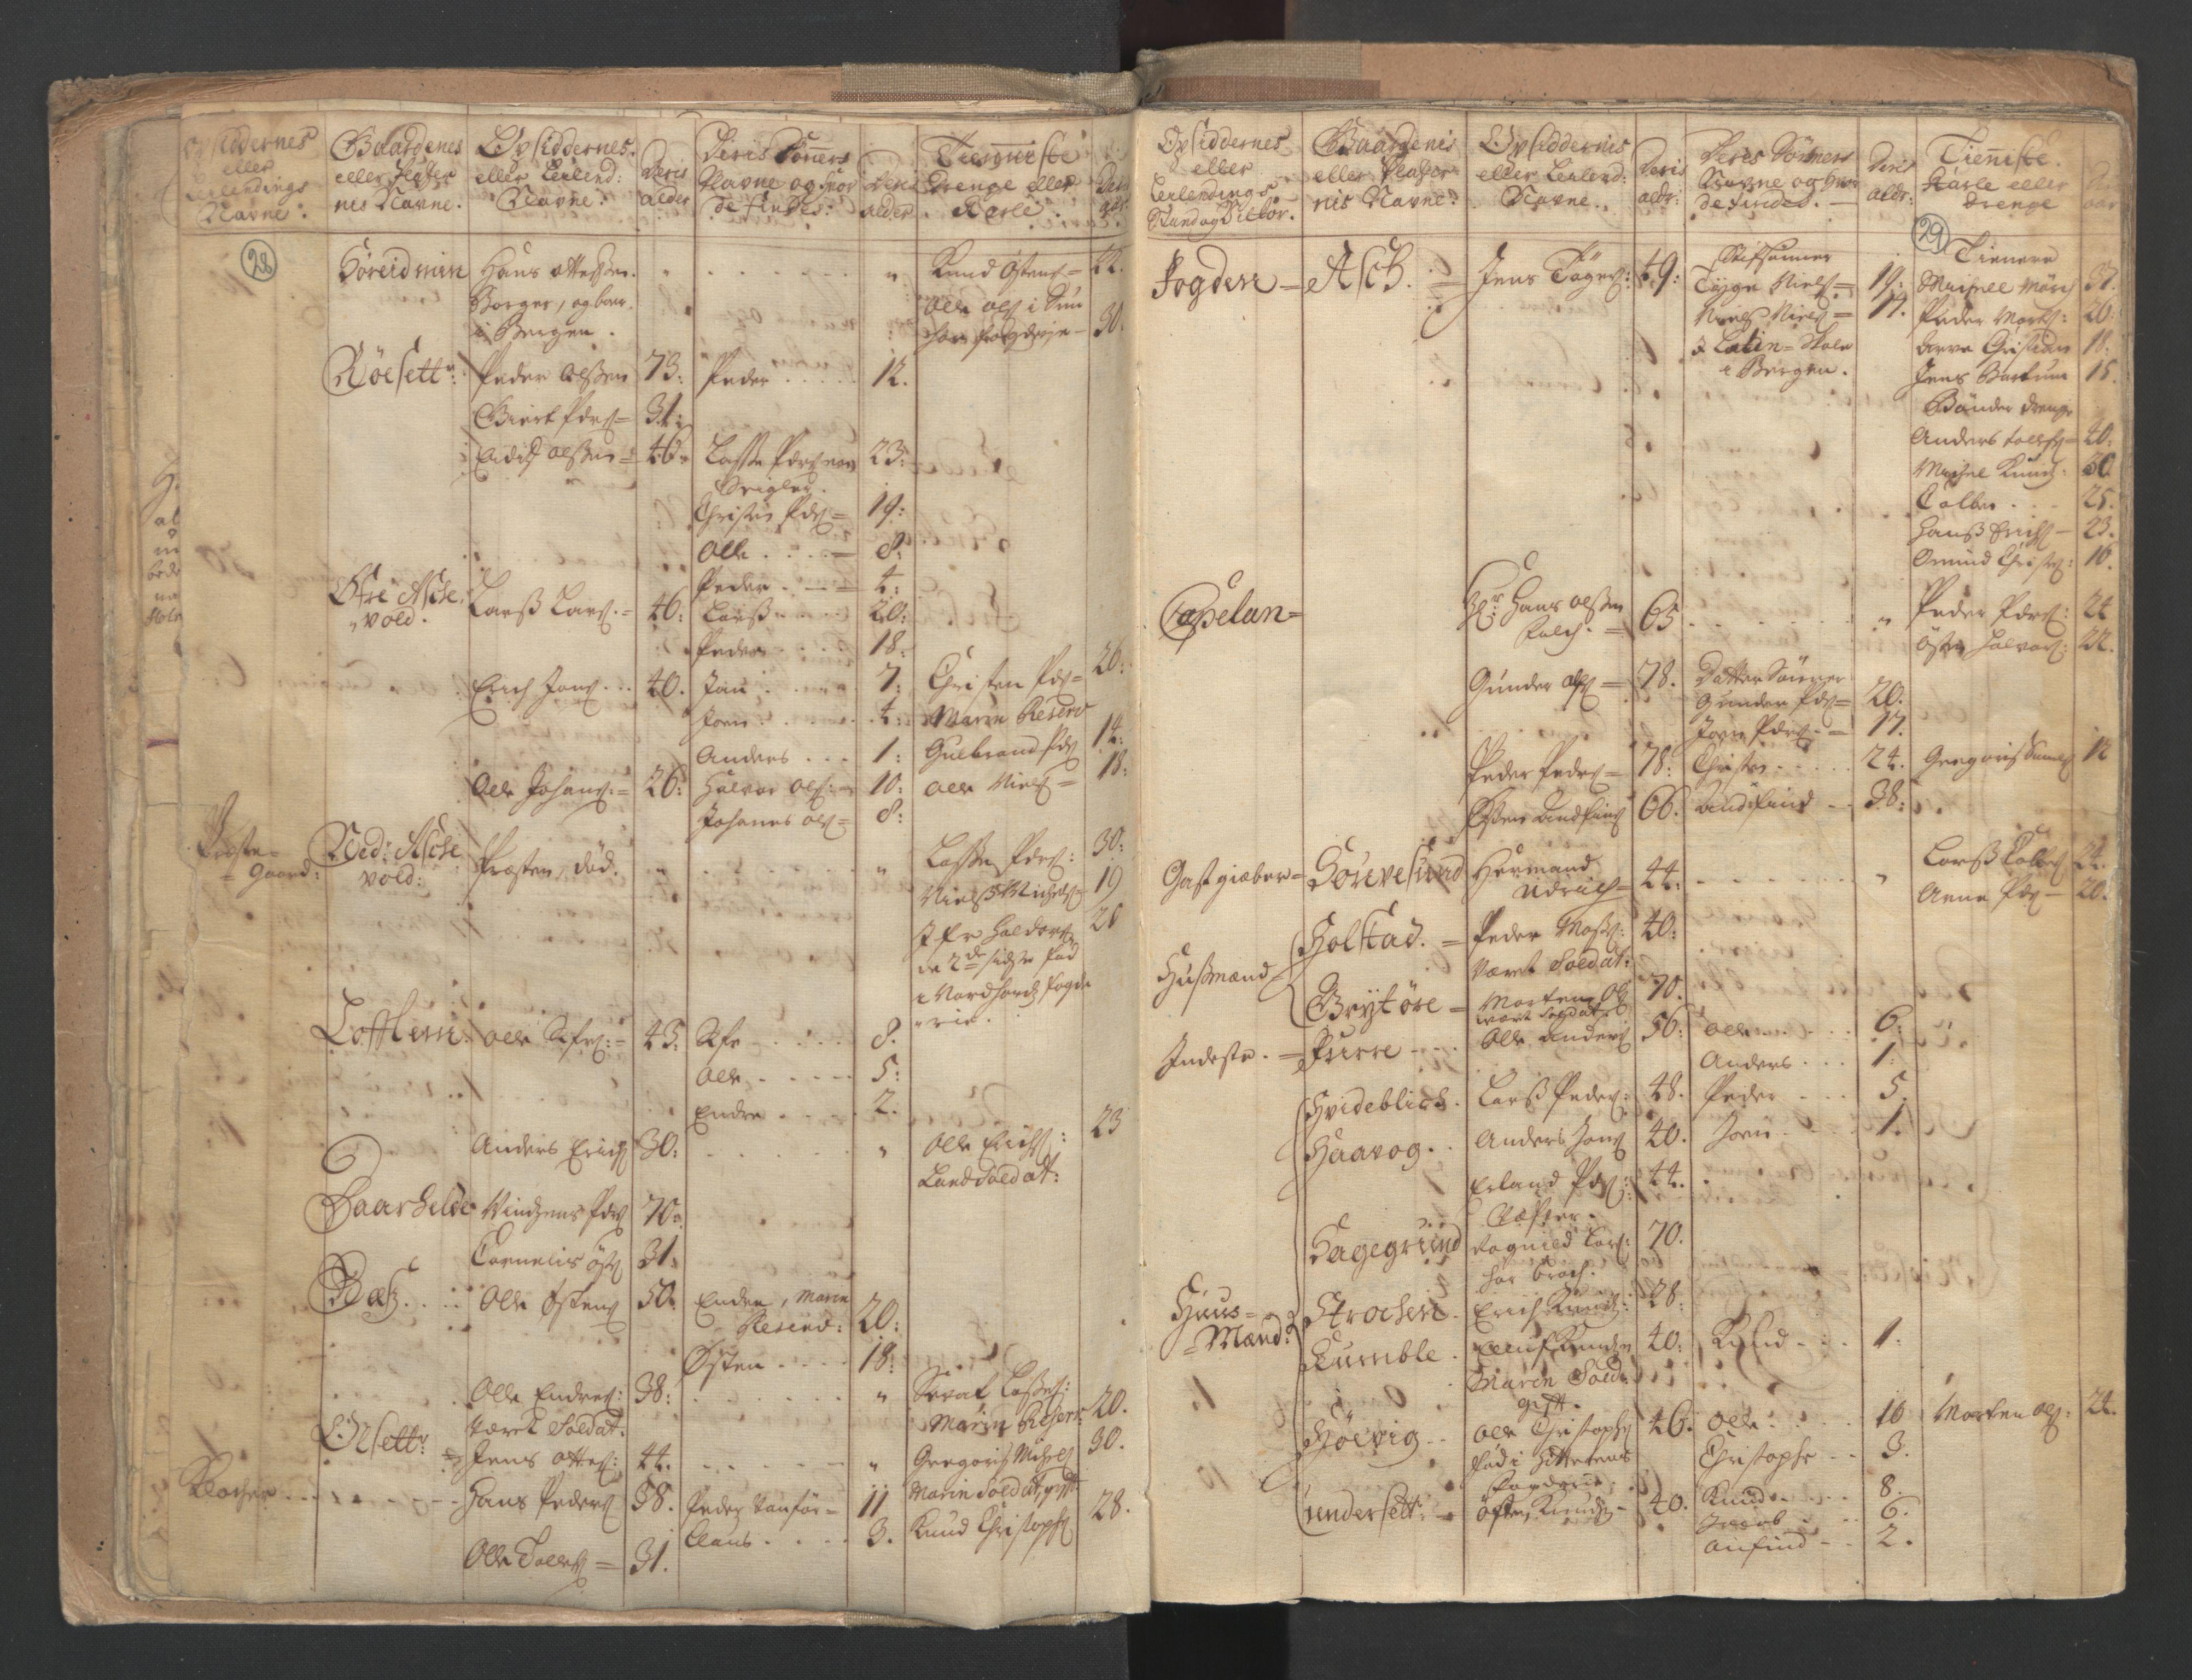 RA, Census (manntall) 1701, no. 9: Sunnfjord fogderi, Nordfjord fogderi and Svanø birk, 1701, p. 28-29